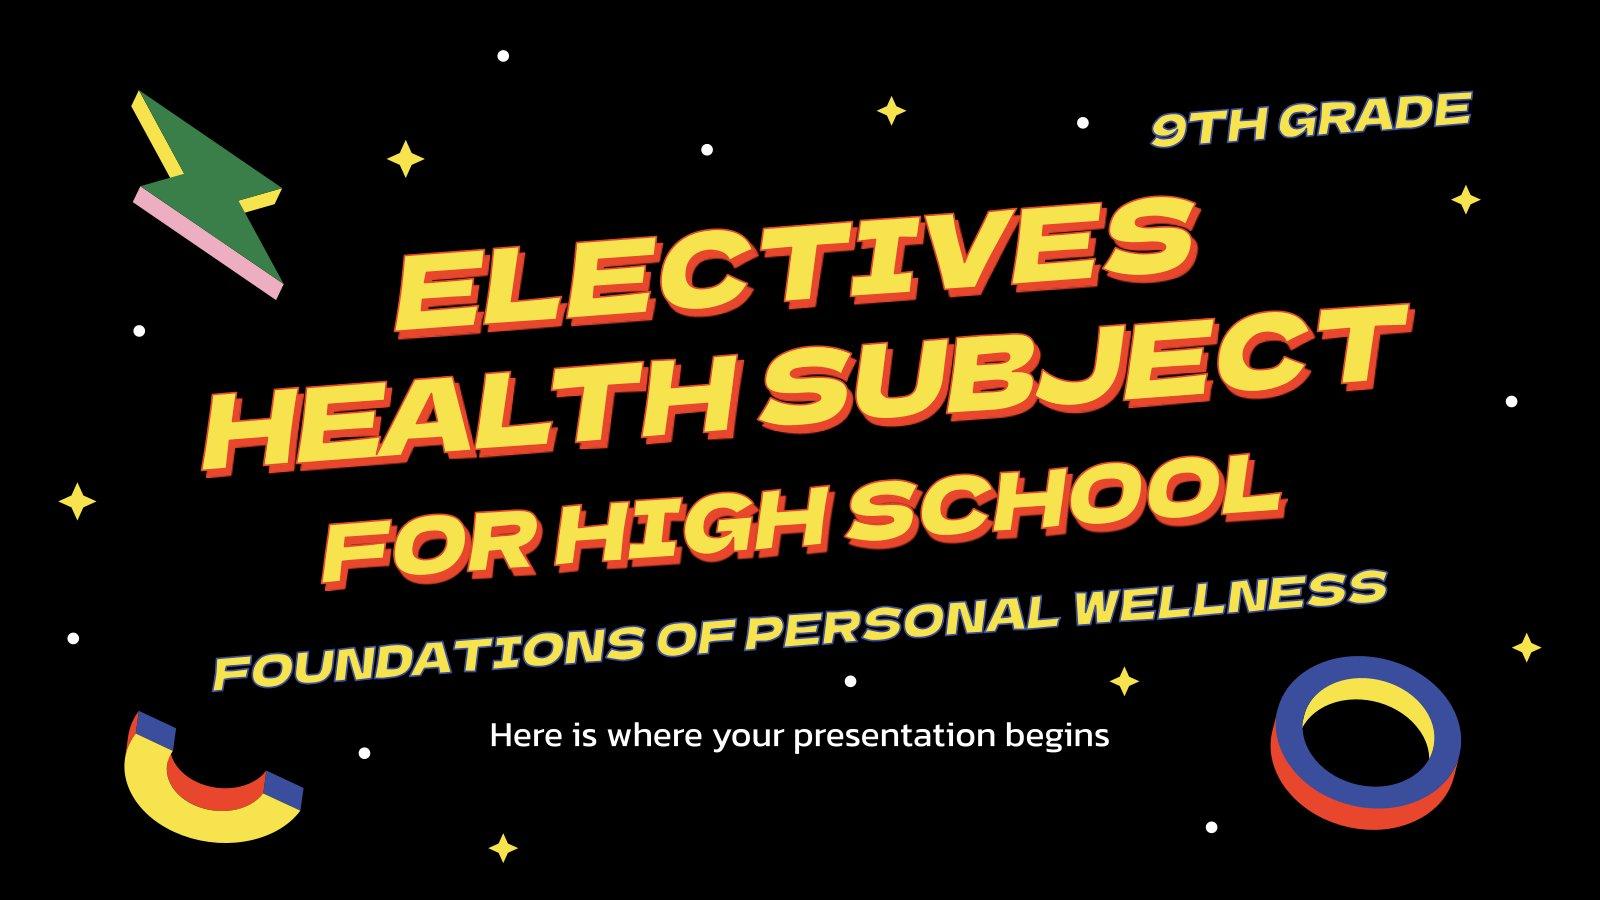 Matière facultative : Fondements du bien-être personnel : Modèles de présentation